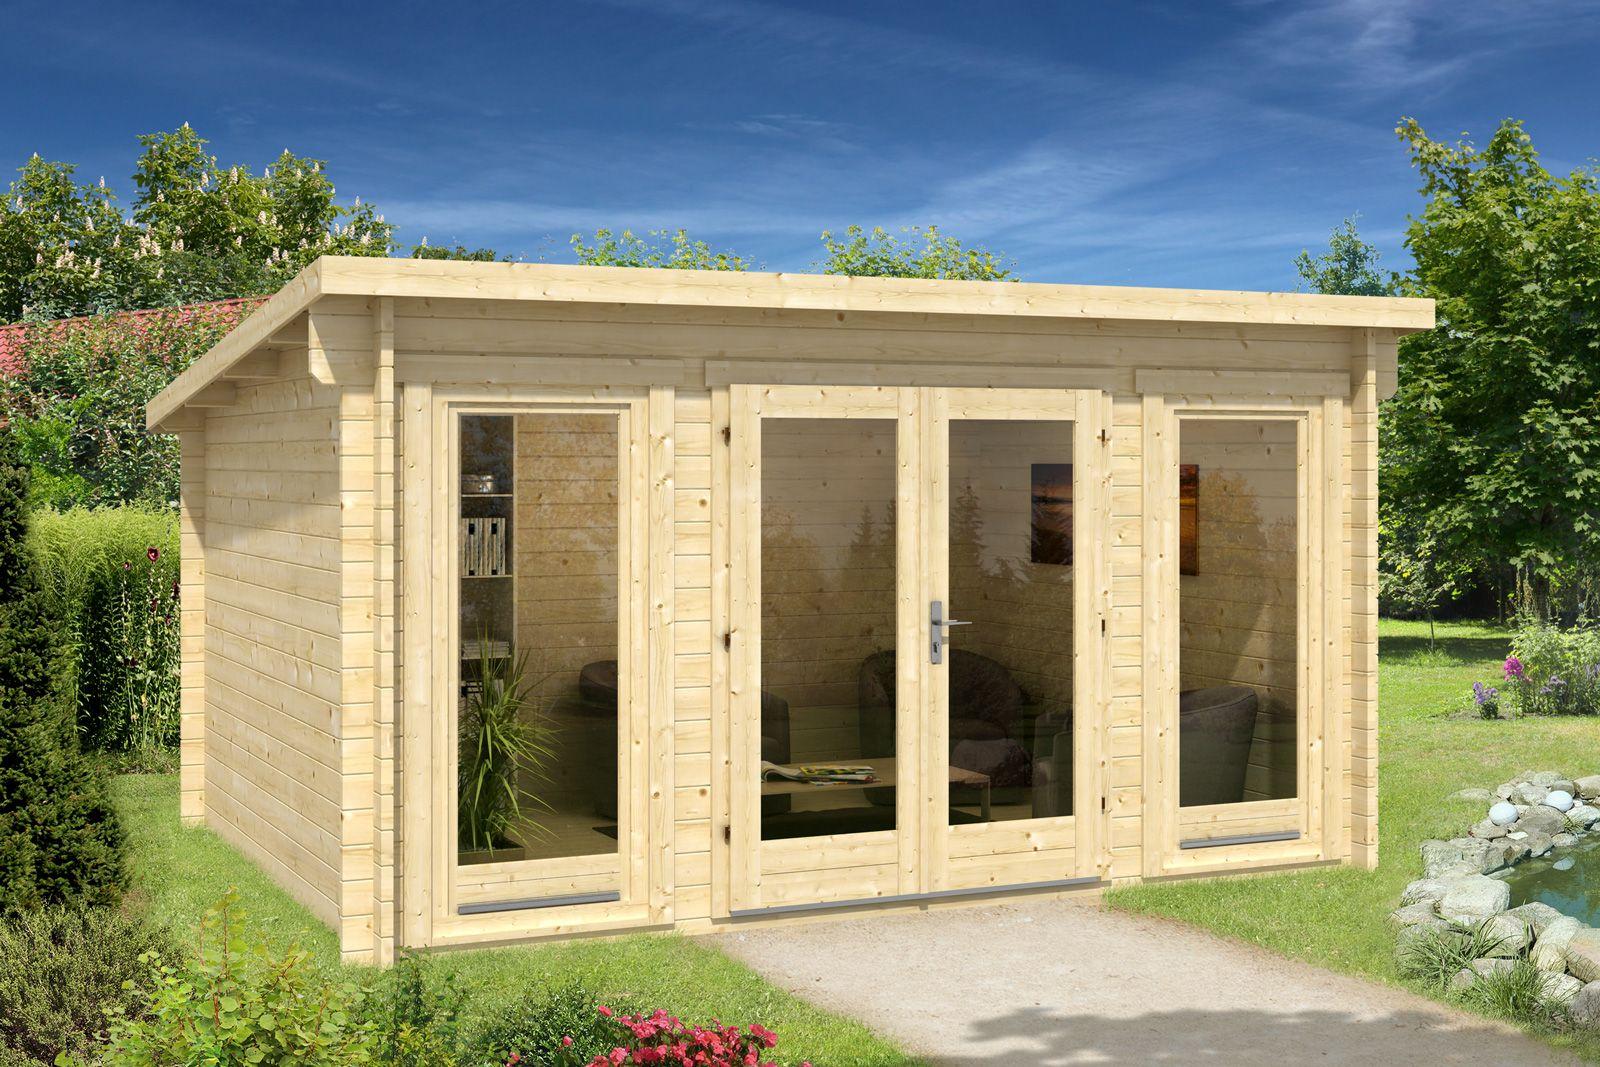 Die Gartenhaus Gmbh Ist Ihr Gunstiger Onlineshop Fur Haus Und Garten Gartenhaus Sauna Carport Co 0 Versand Gartenhaus Pultdach Gartenhaus Haus